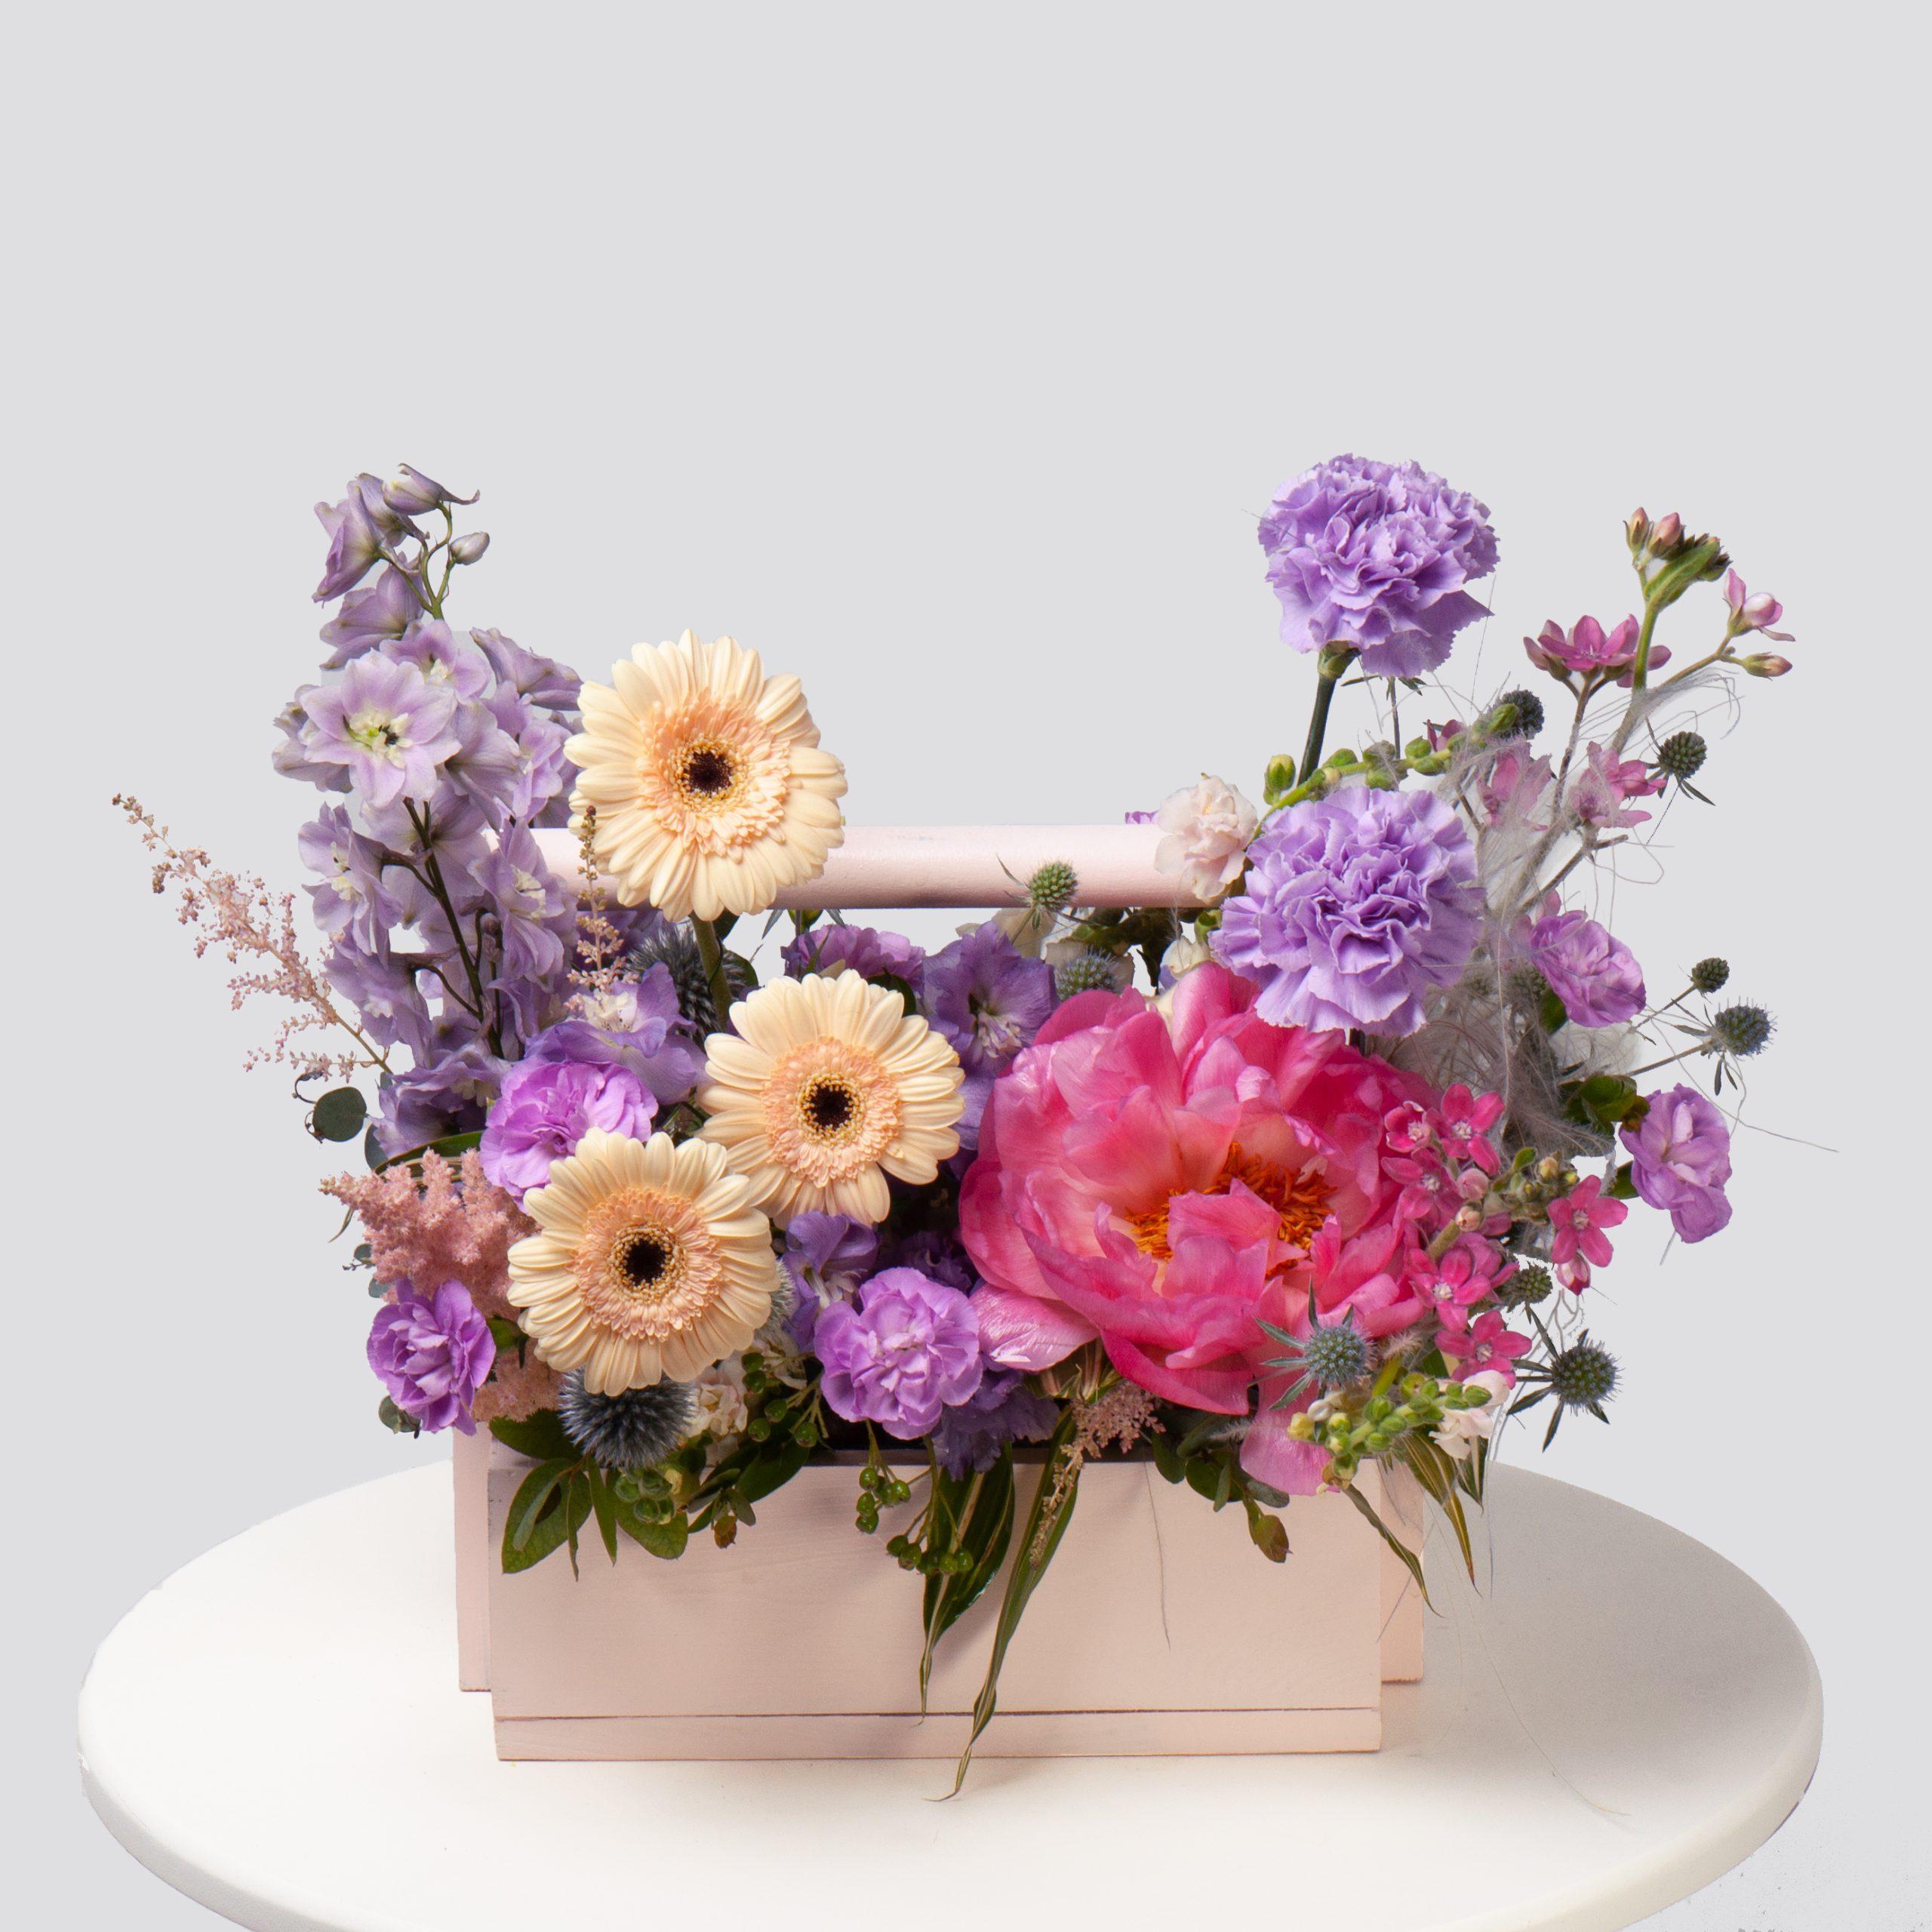 Ящик в лавандово-желтой гамме №28 - купить цветы в Санкт Петербурге